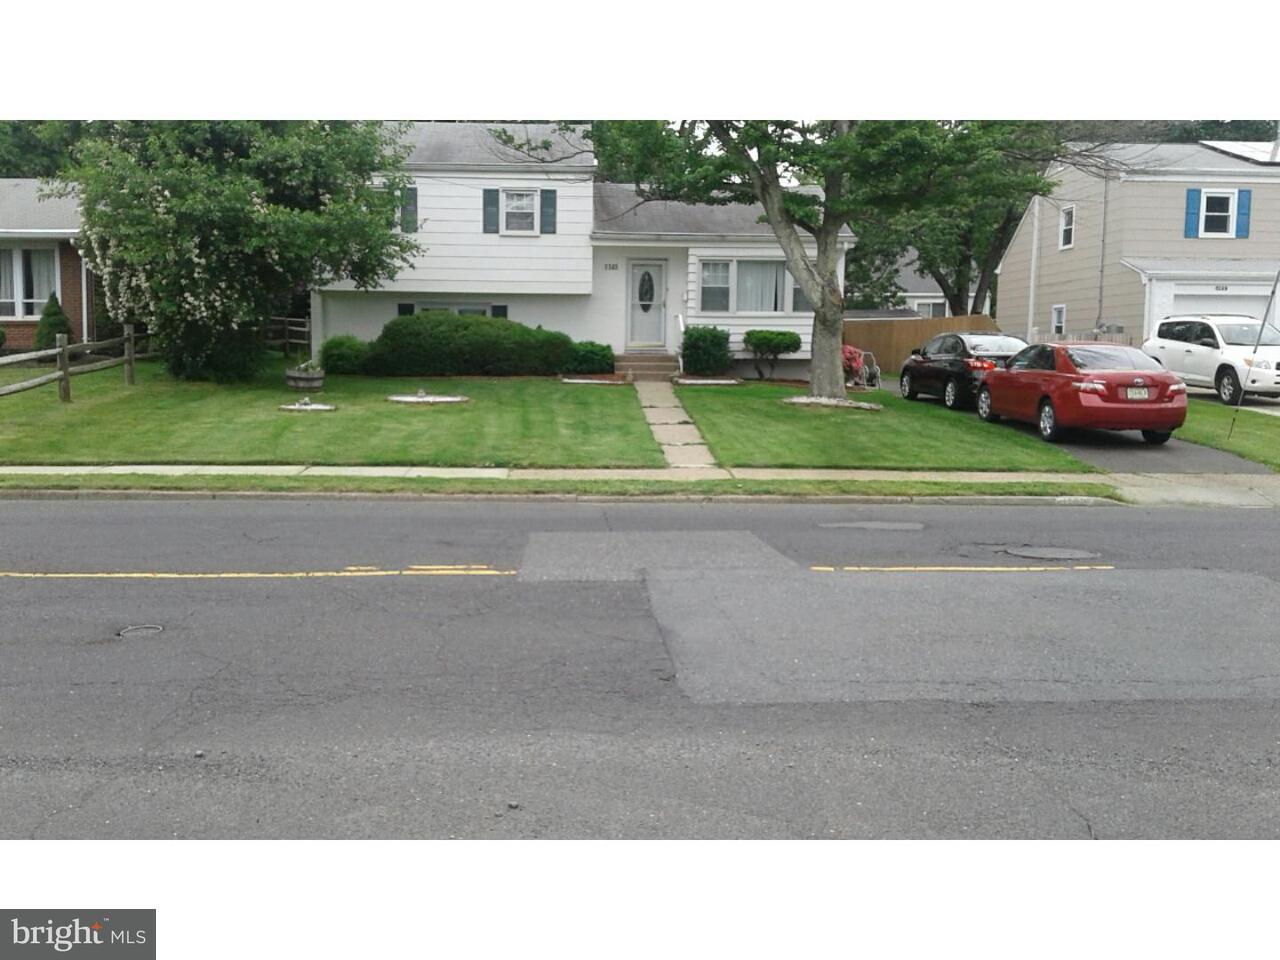 独户住宅 为 出租 在 1145 LOWER FERRY Road 特伦顿, 新泽西州 08618 美国在/周边: Ewing Township